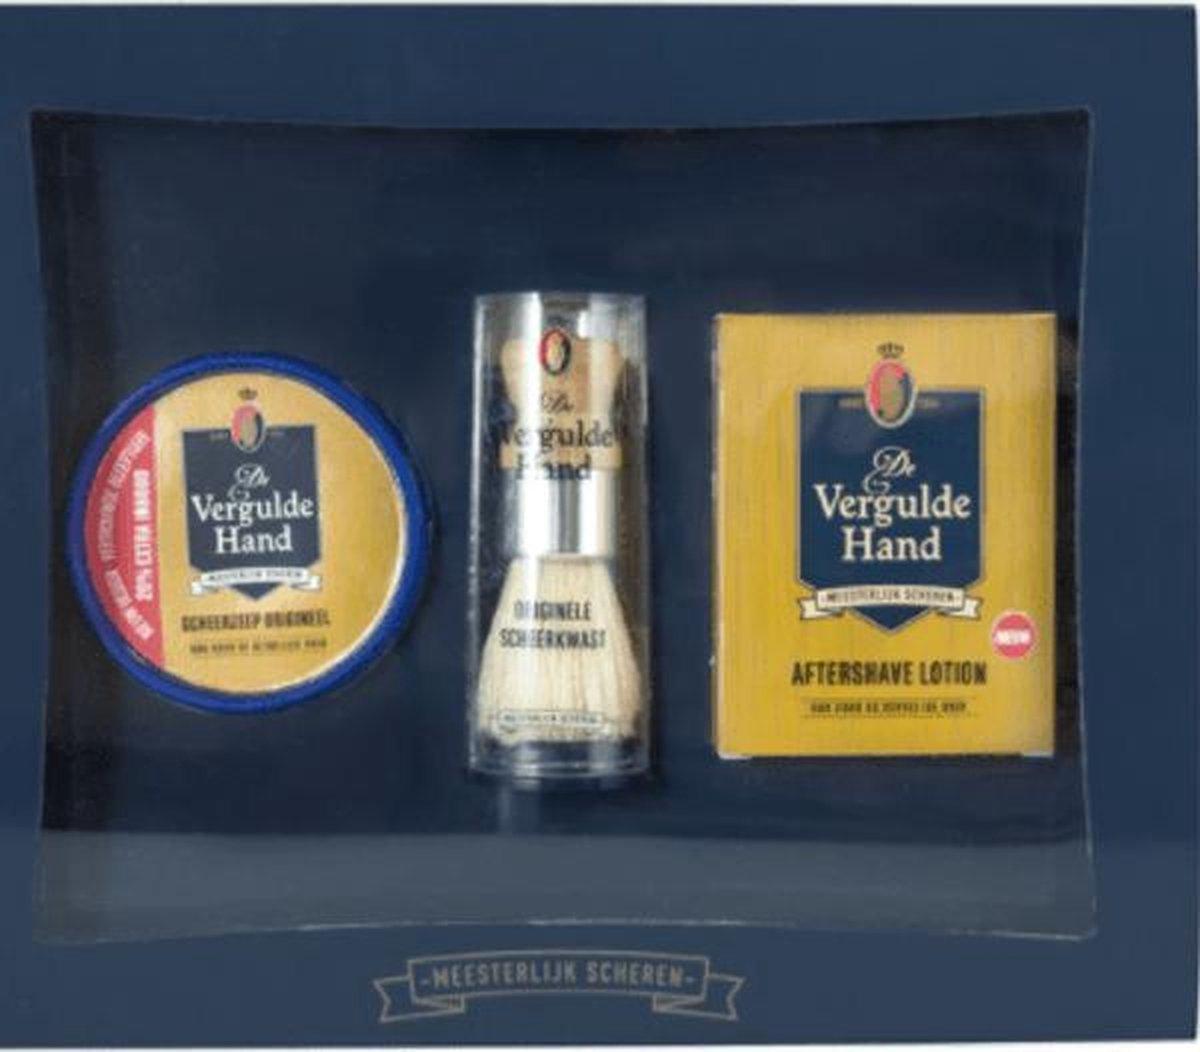 De Vergulde Hand Geschenkset (3-delig) - Scheerzeep + Scheerkwast + Aftershave Lotion